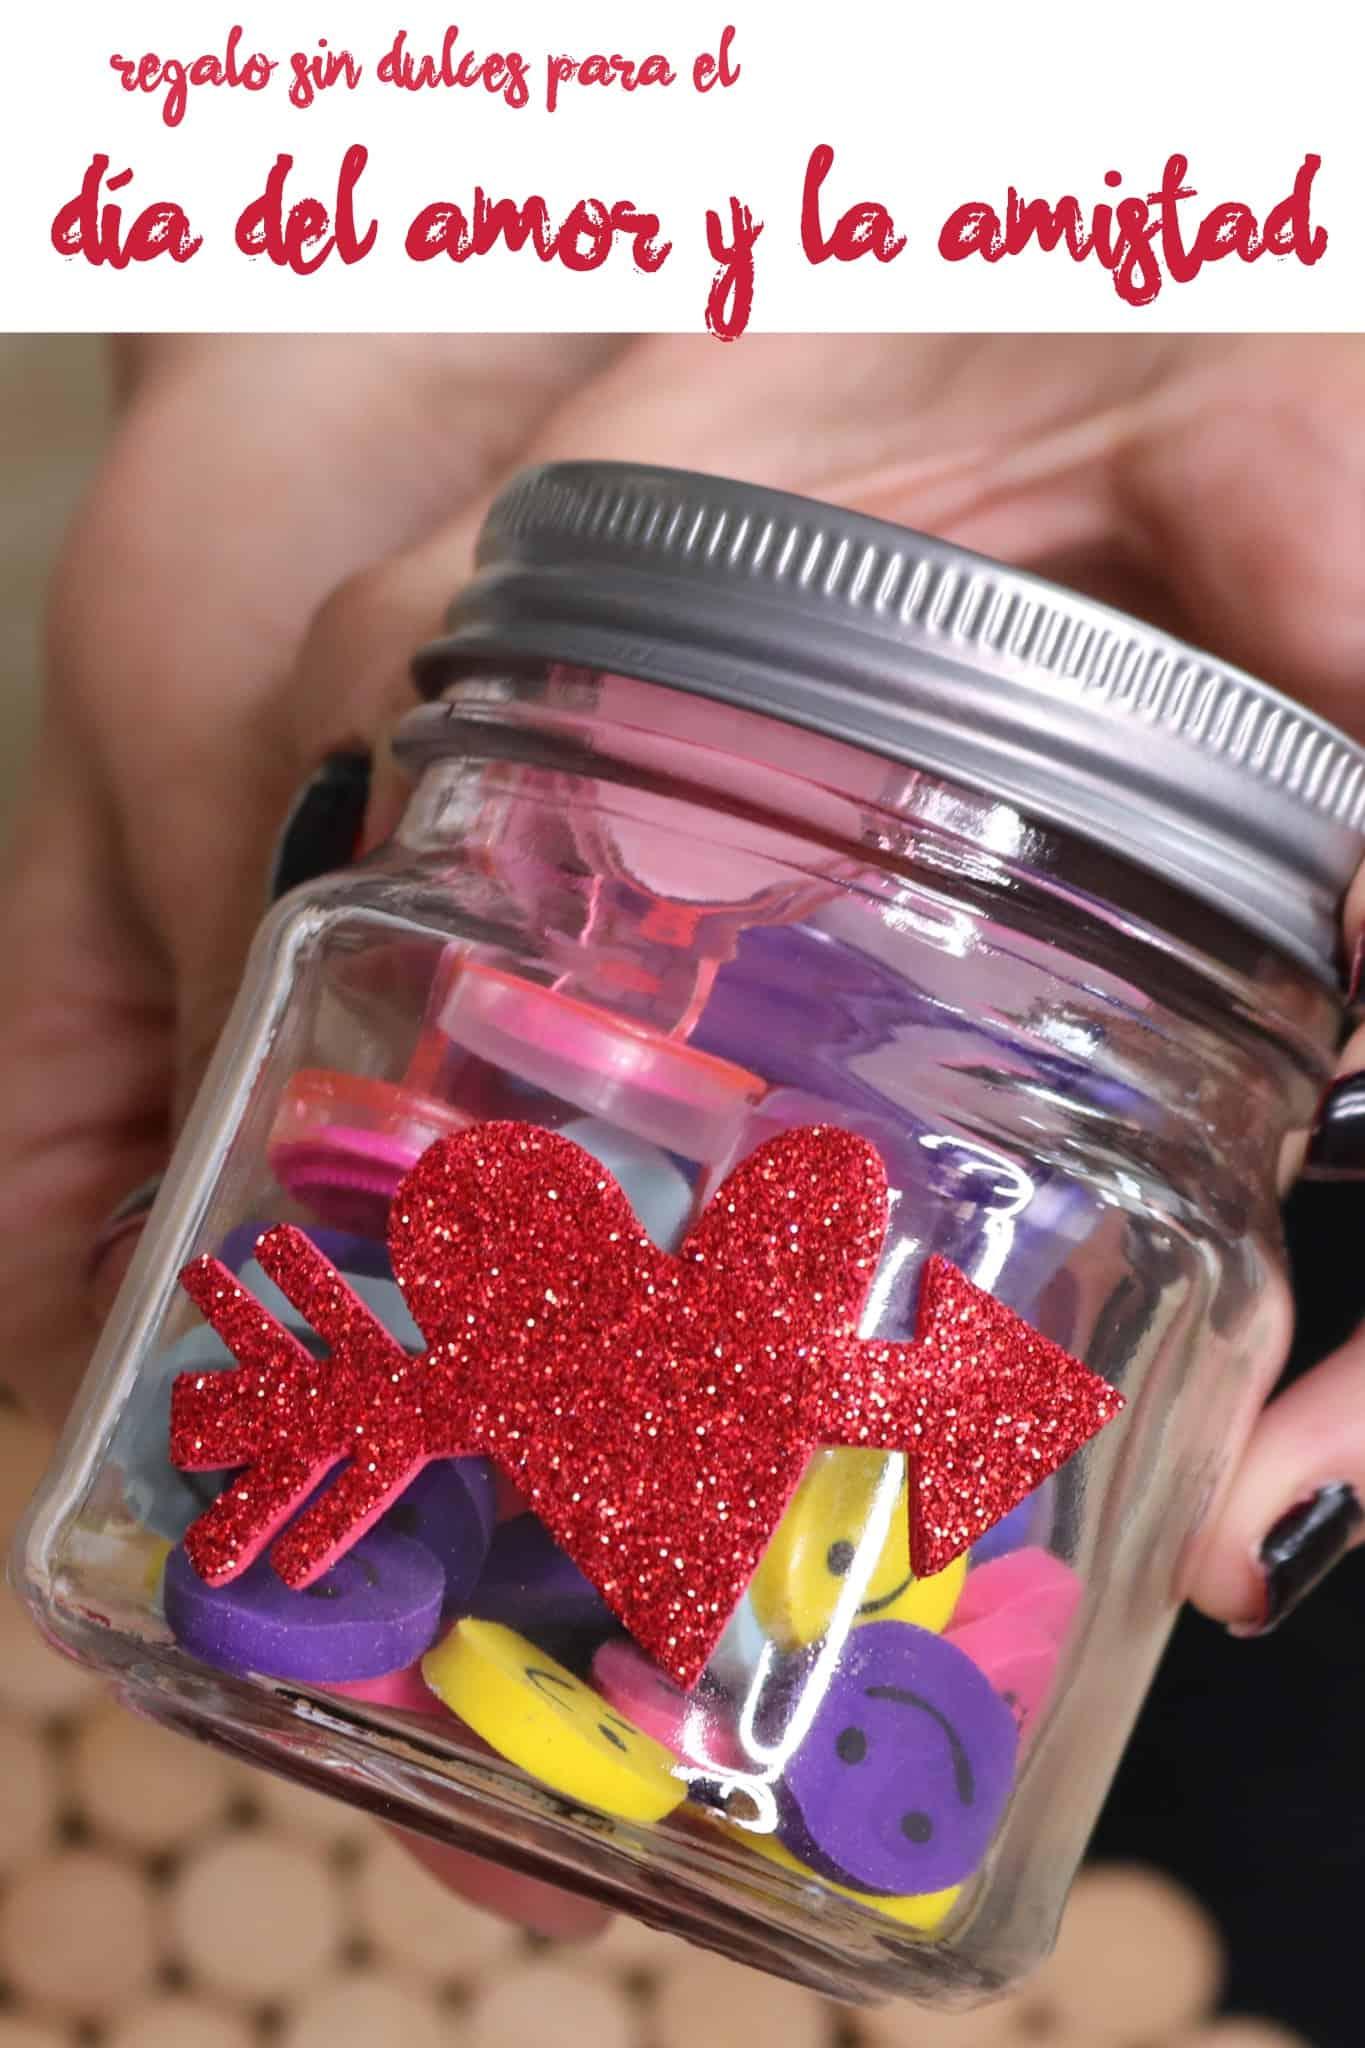 Haz un regalo sin dulces que los niños disfrutarán en el día de San Valentín, para así festejar el día del amor y la amistad